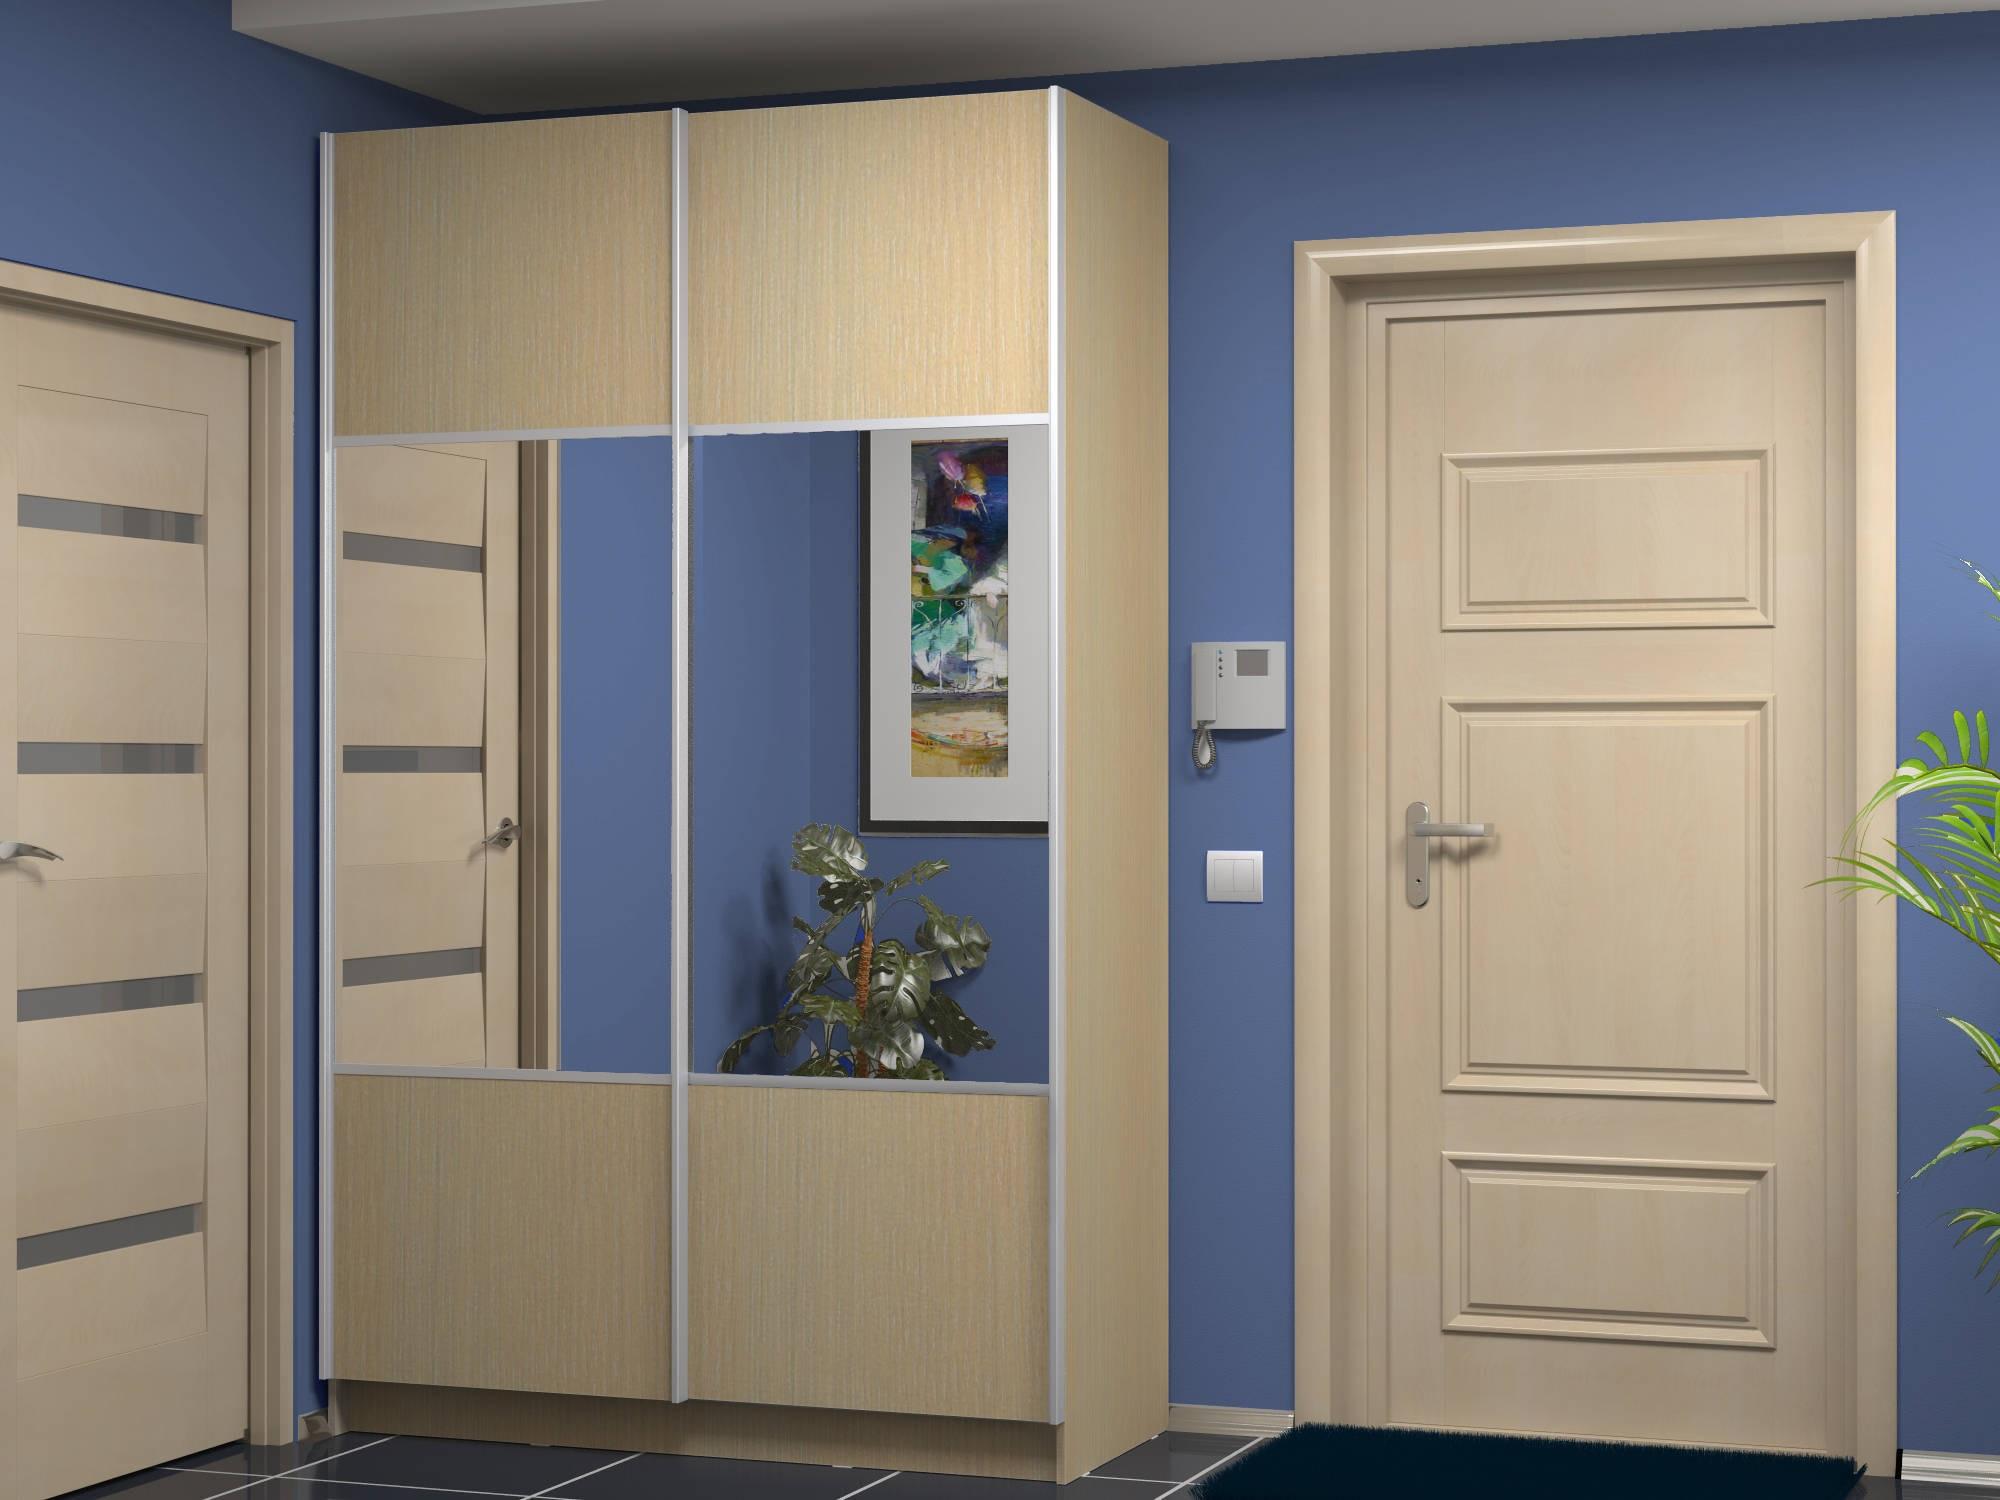 выбор механизма для дверей